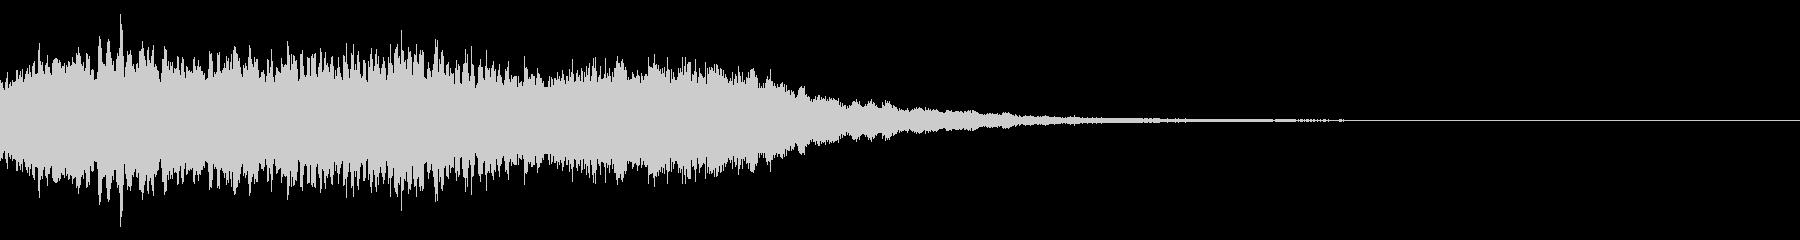 神社 結婚式の笛(笙)和風フレーズ!03の未再生の波形